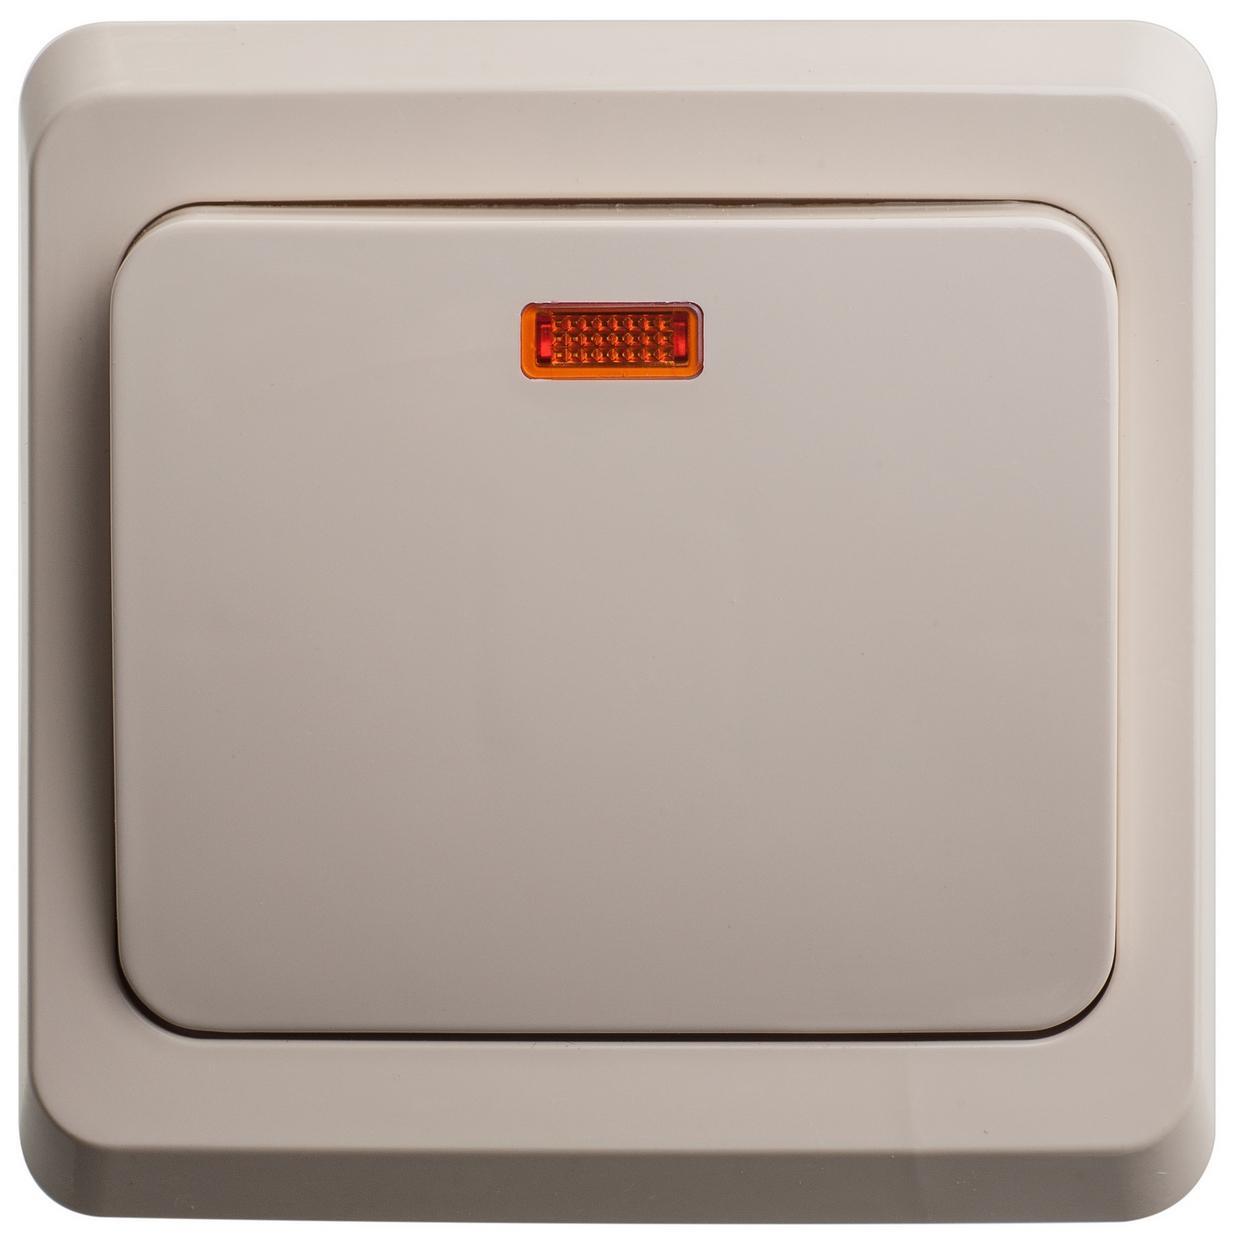 Переключатель Schneider electric Bc10-007k Этюд выключатель одноклавишный о у ip 44 schneiderelectricэтюдбелый